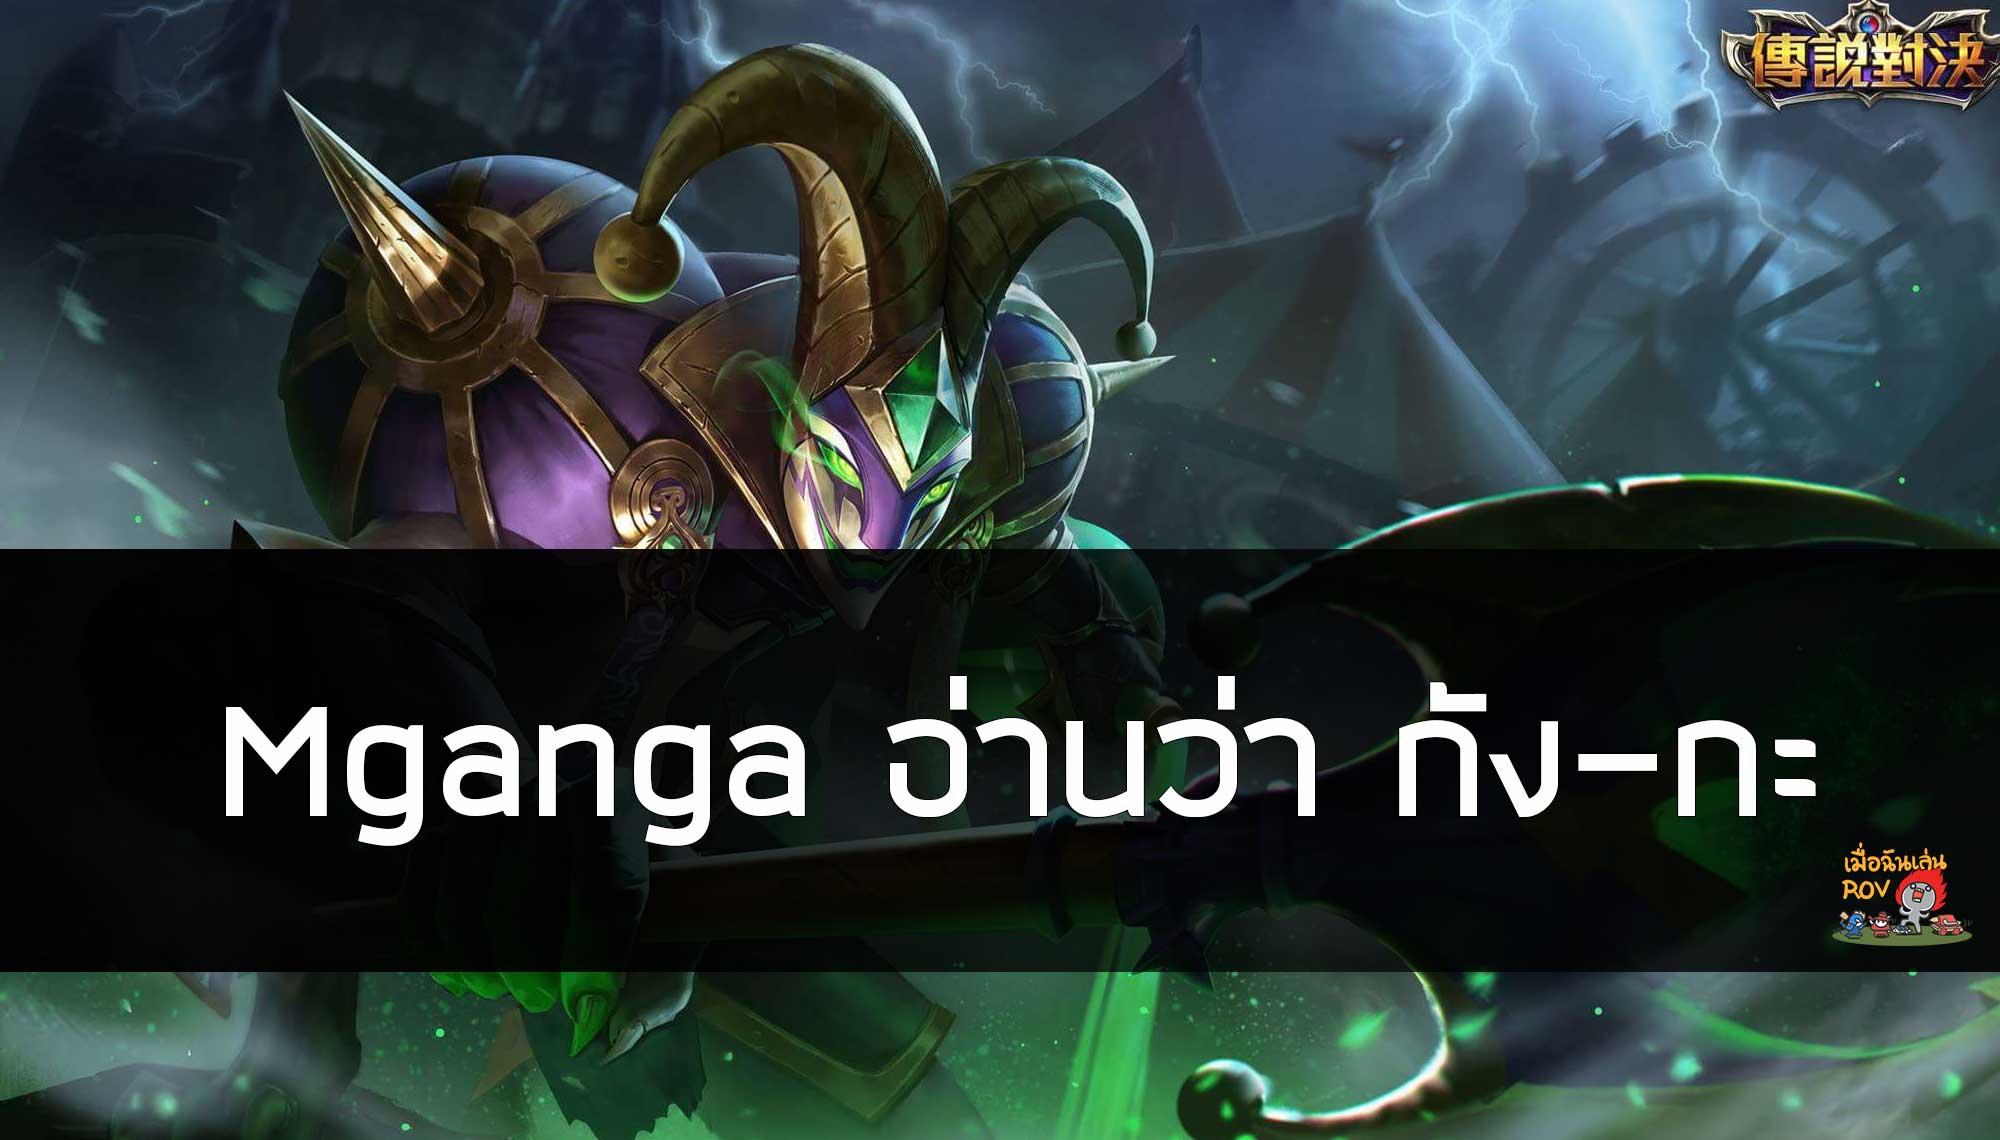 Mganga อ่านว่า กัง-กะ